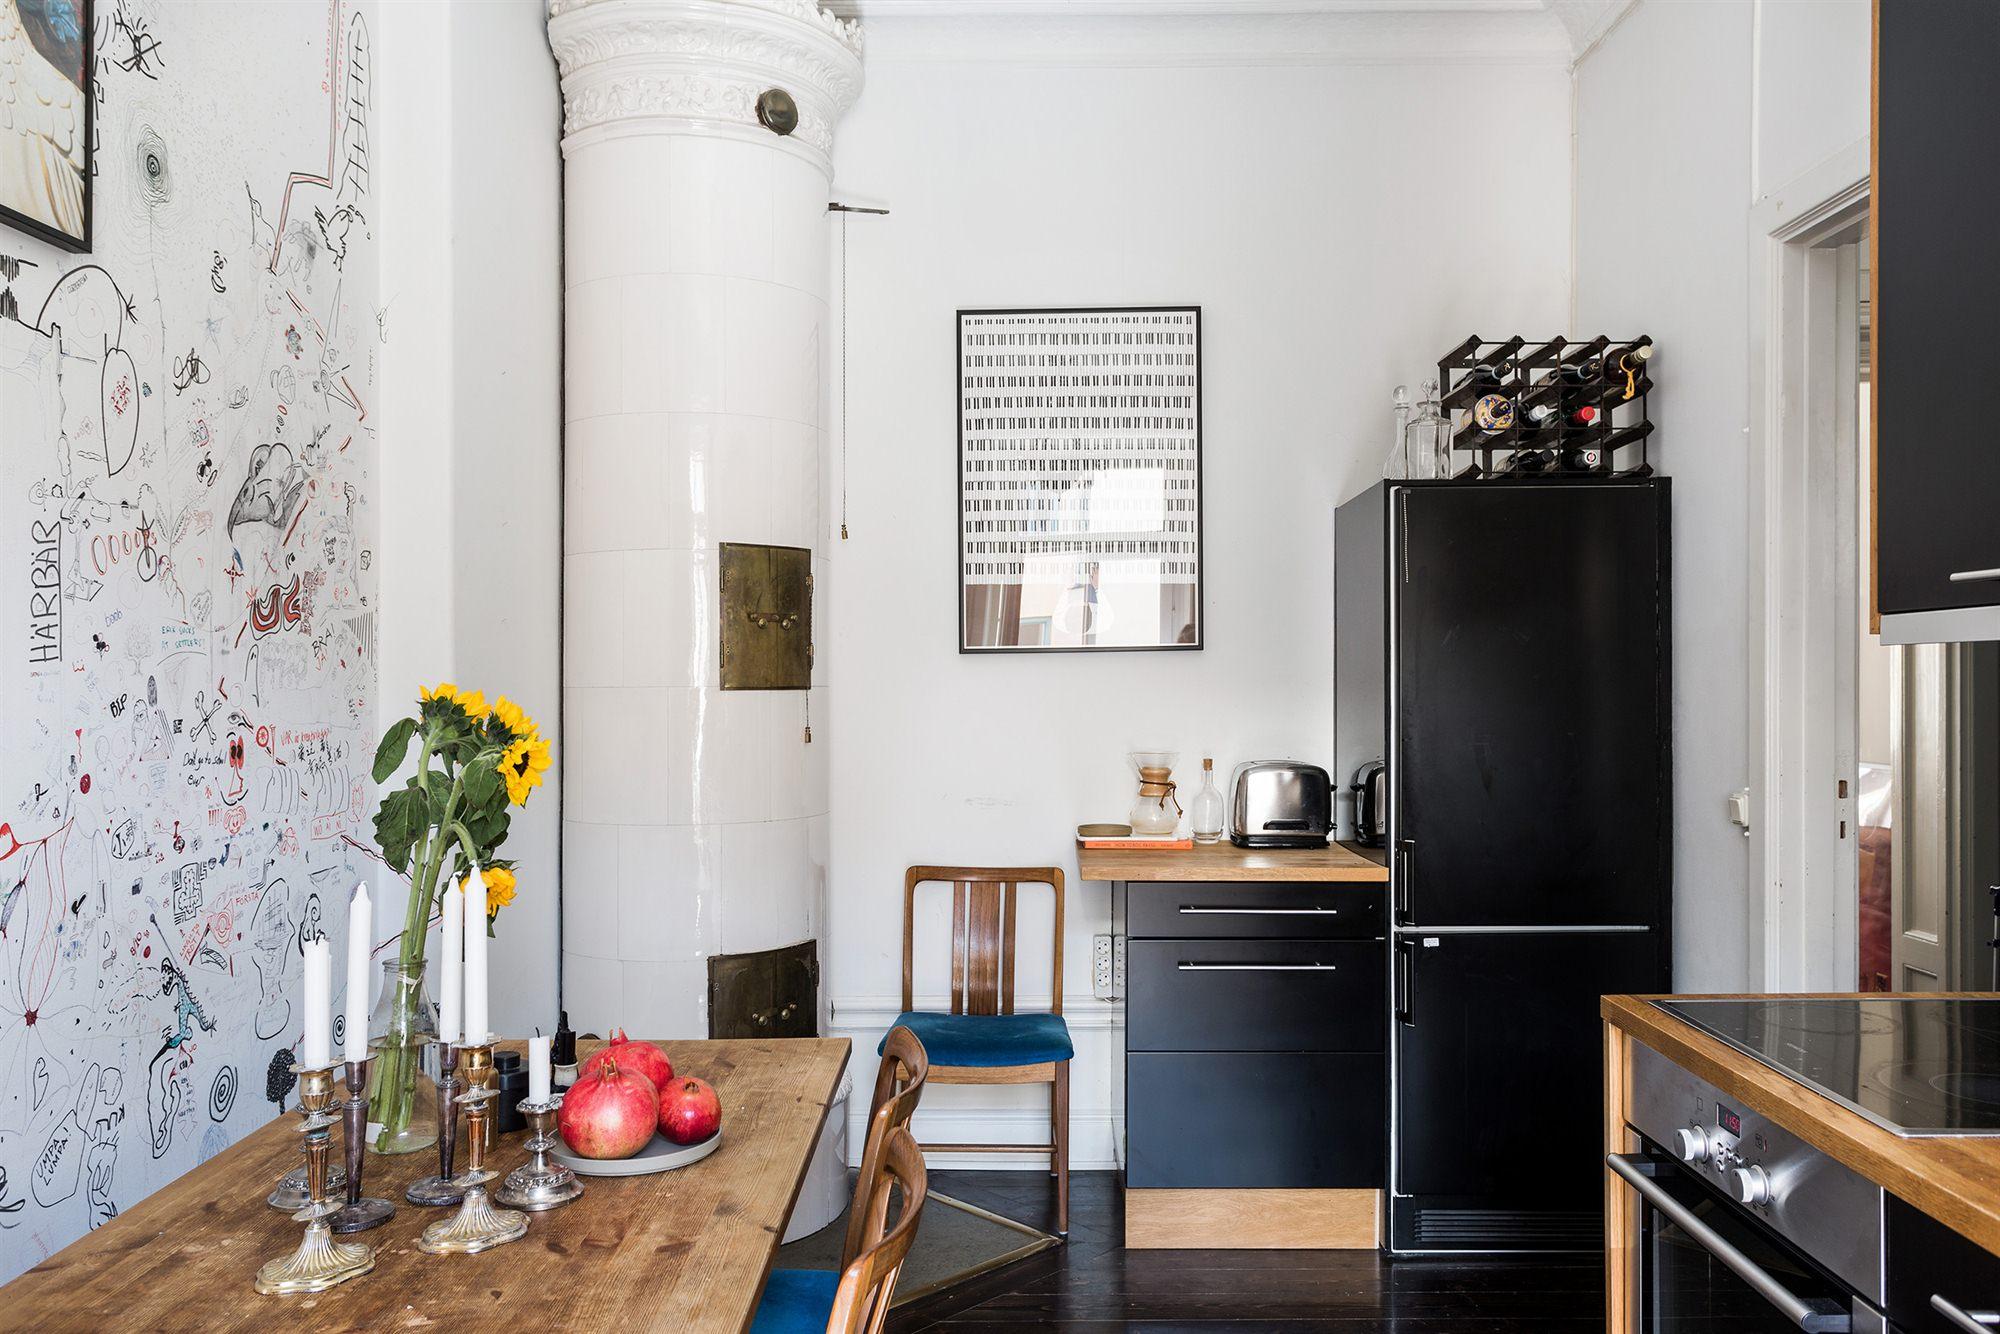 Idee plafond gordijnen - Een klein appartement ontwikkelen ...